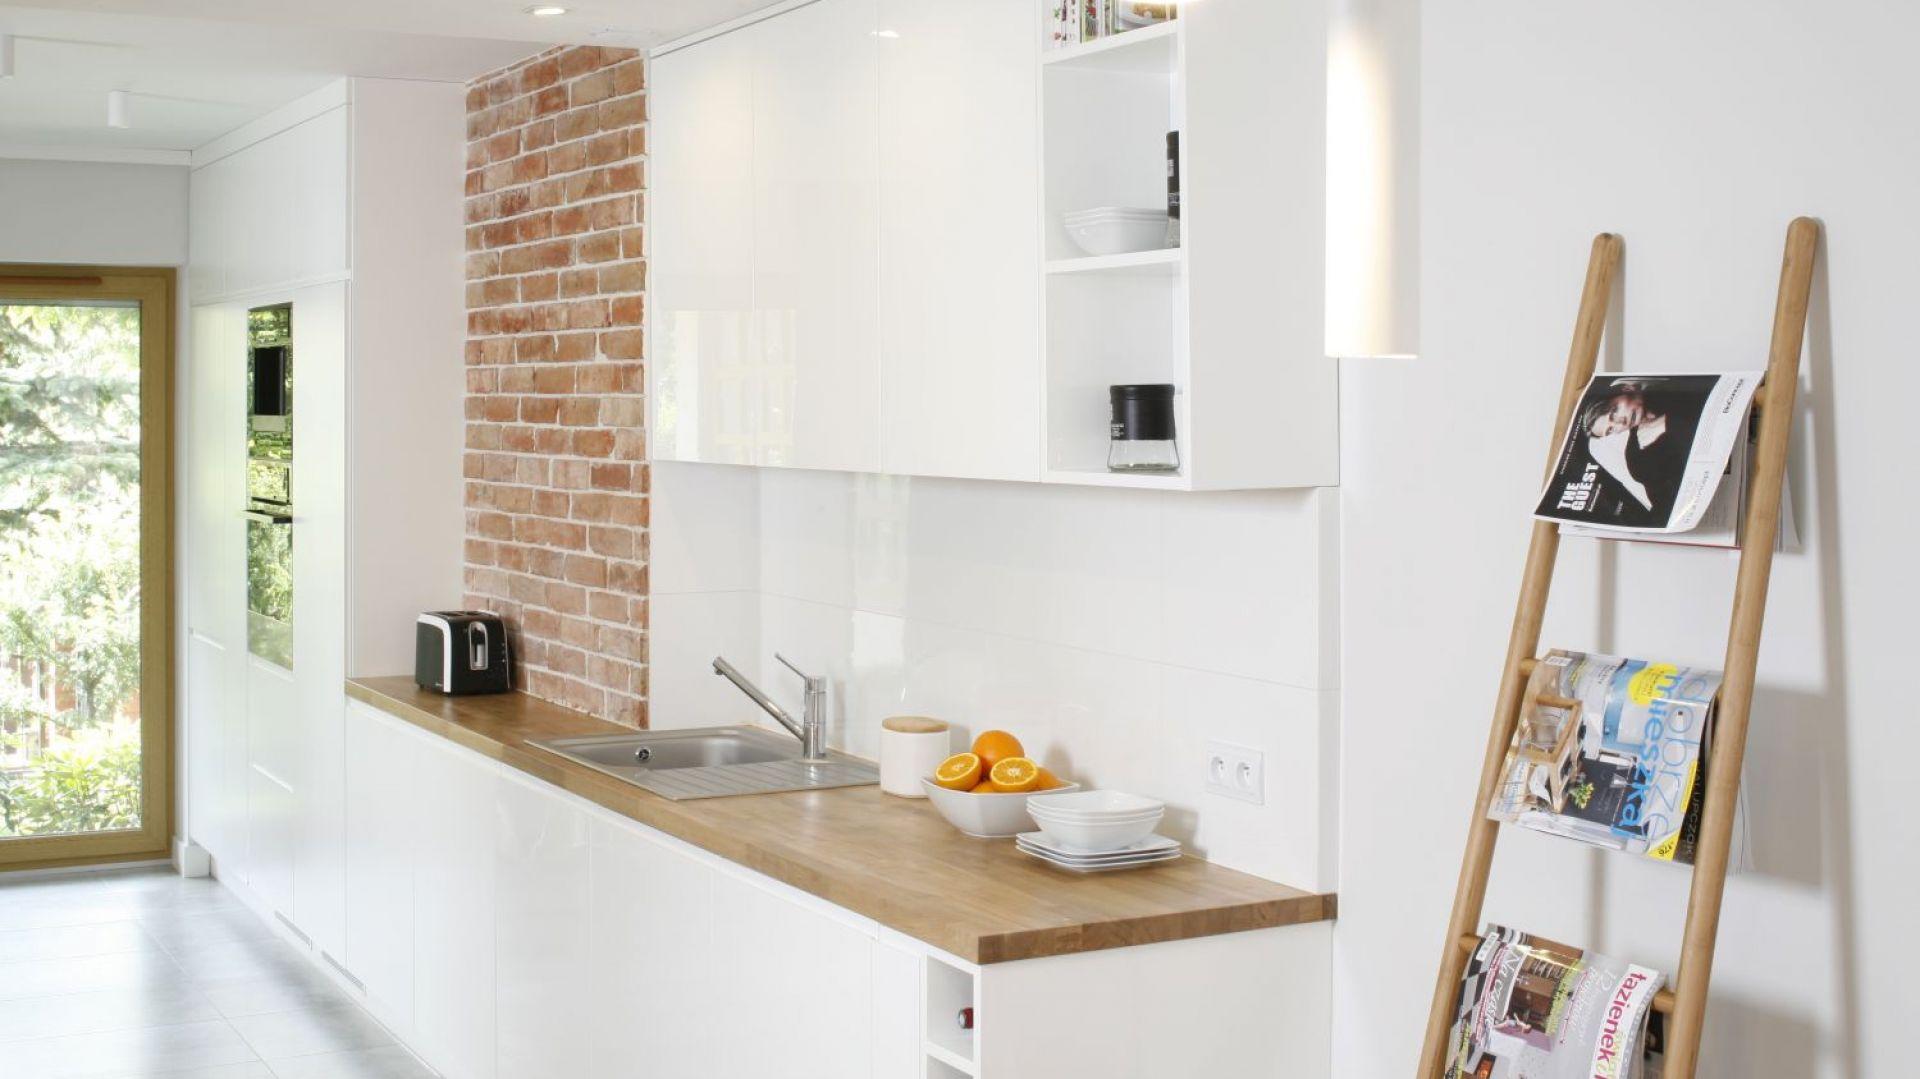 Białe kuchnie warto przełamać ciekawymi detalami. W tym wnętrzu jest to element ściany wykończony surową, czerwoną cegłą. Projekt: Agata Piltz. Fot. Bartosz Jarosz